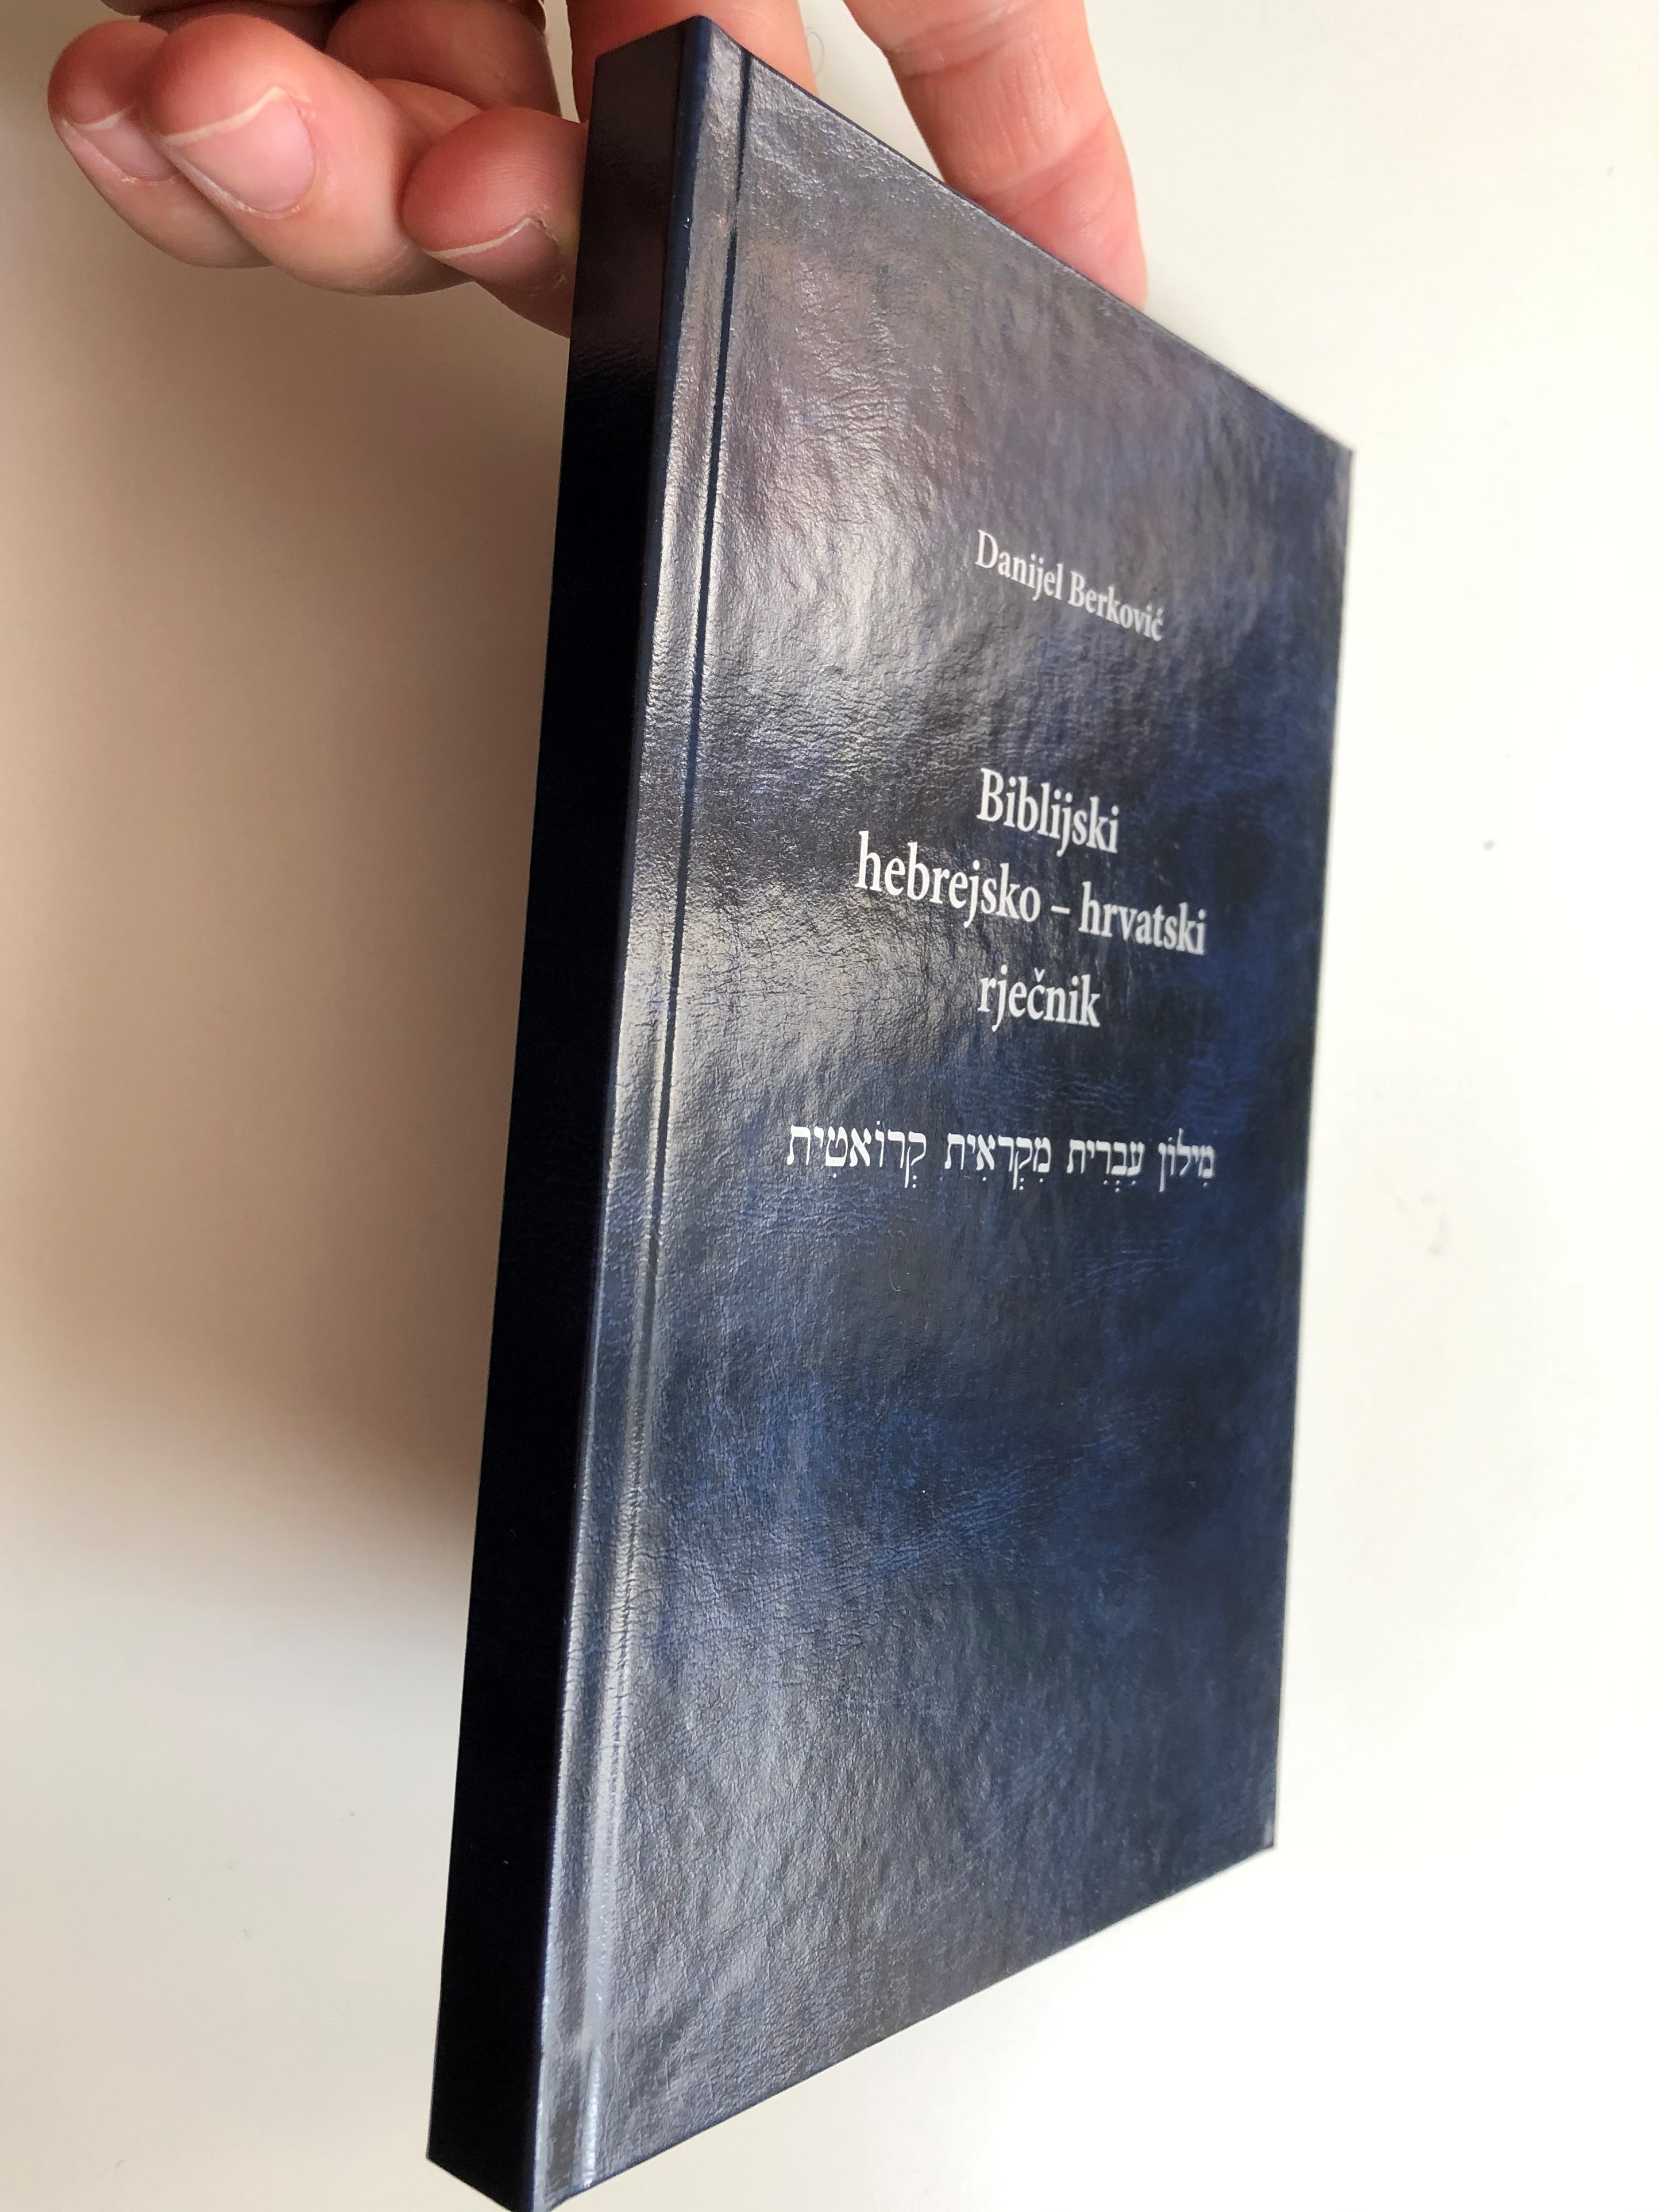 biblijski-hebrejsko-hrvatski-rje-nik-by-danijel-berkovi-2.jpg